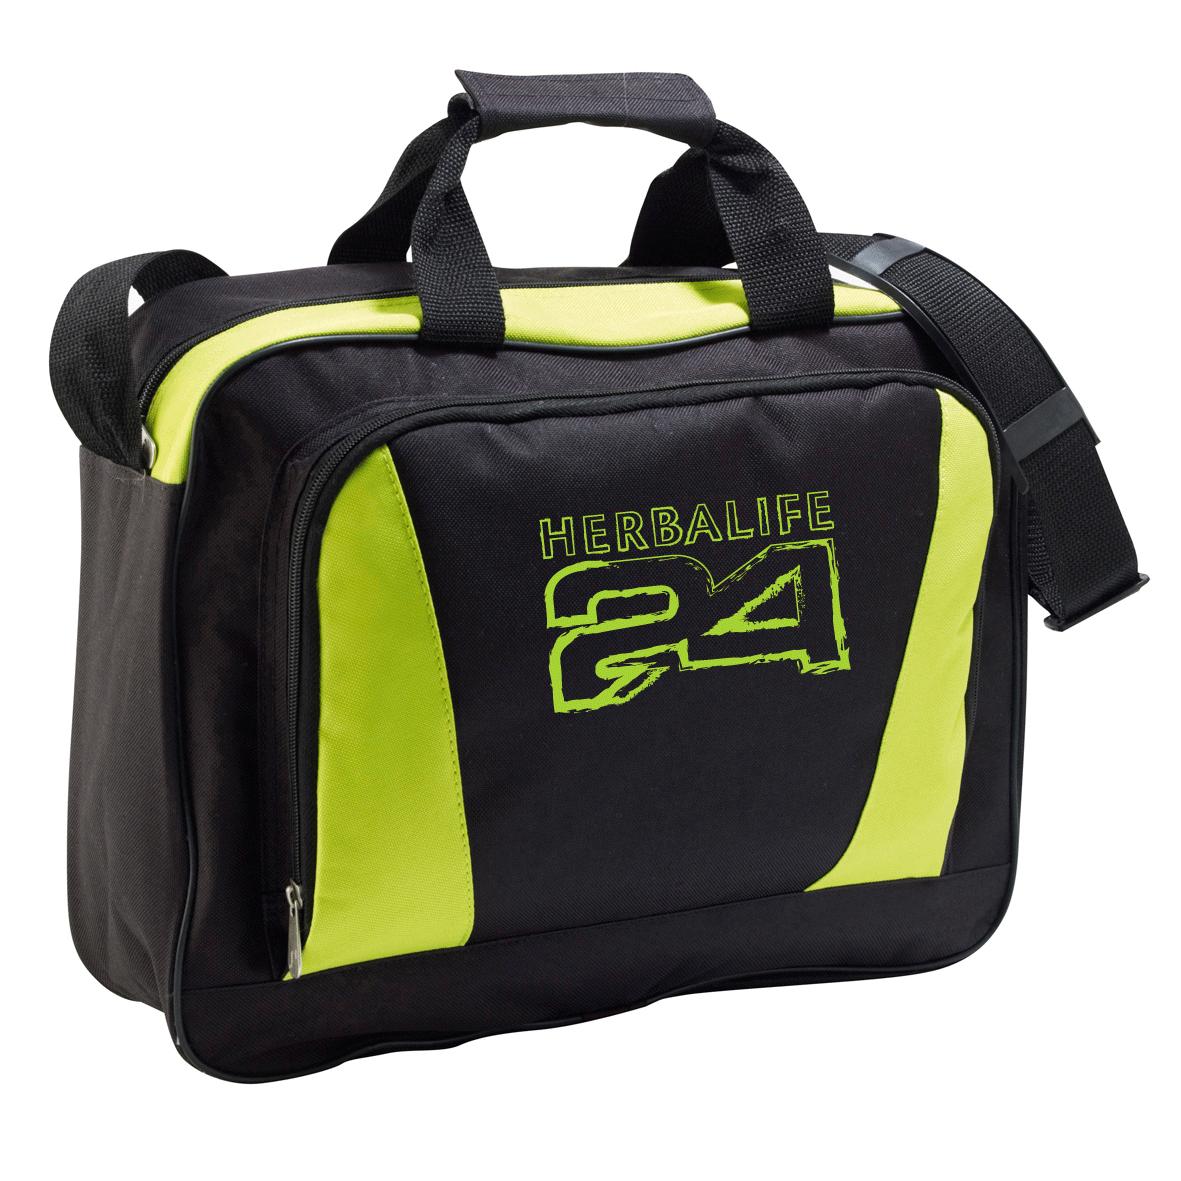 c31e31b79e2 Portadocumentos PC Funda portatil bandolera portatodo Herbalife Nutrición  H24 verde y negro